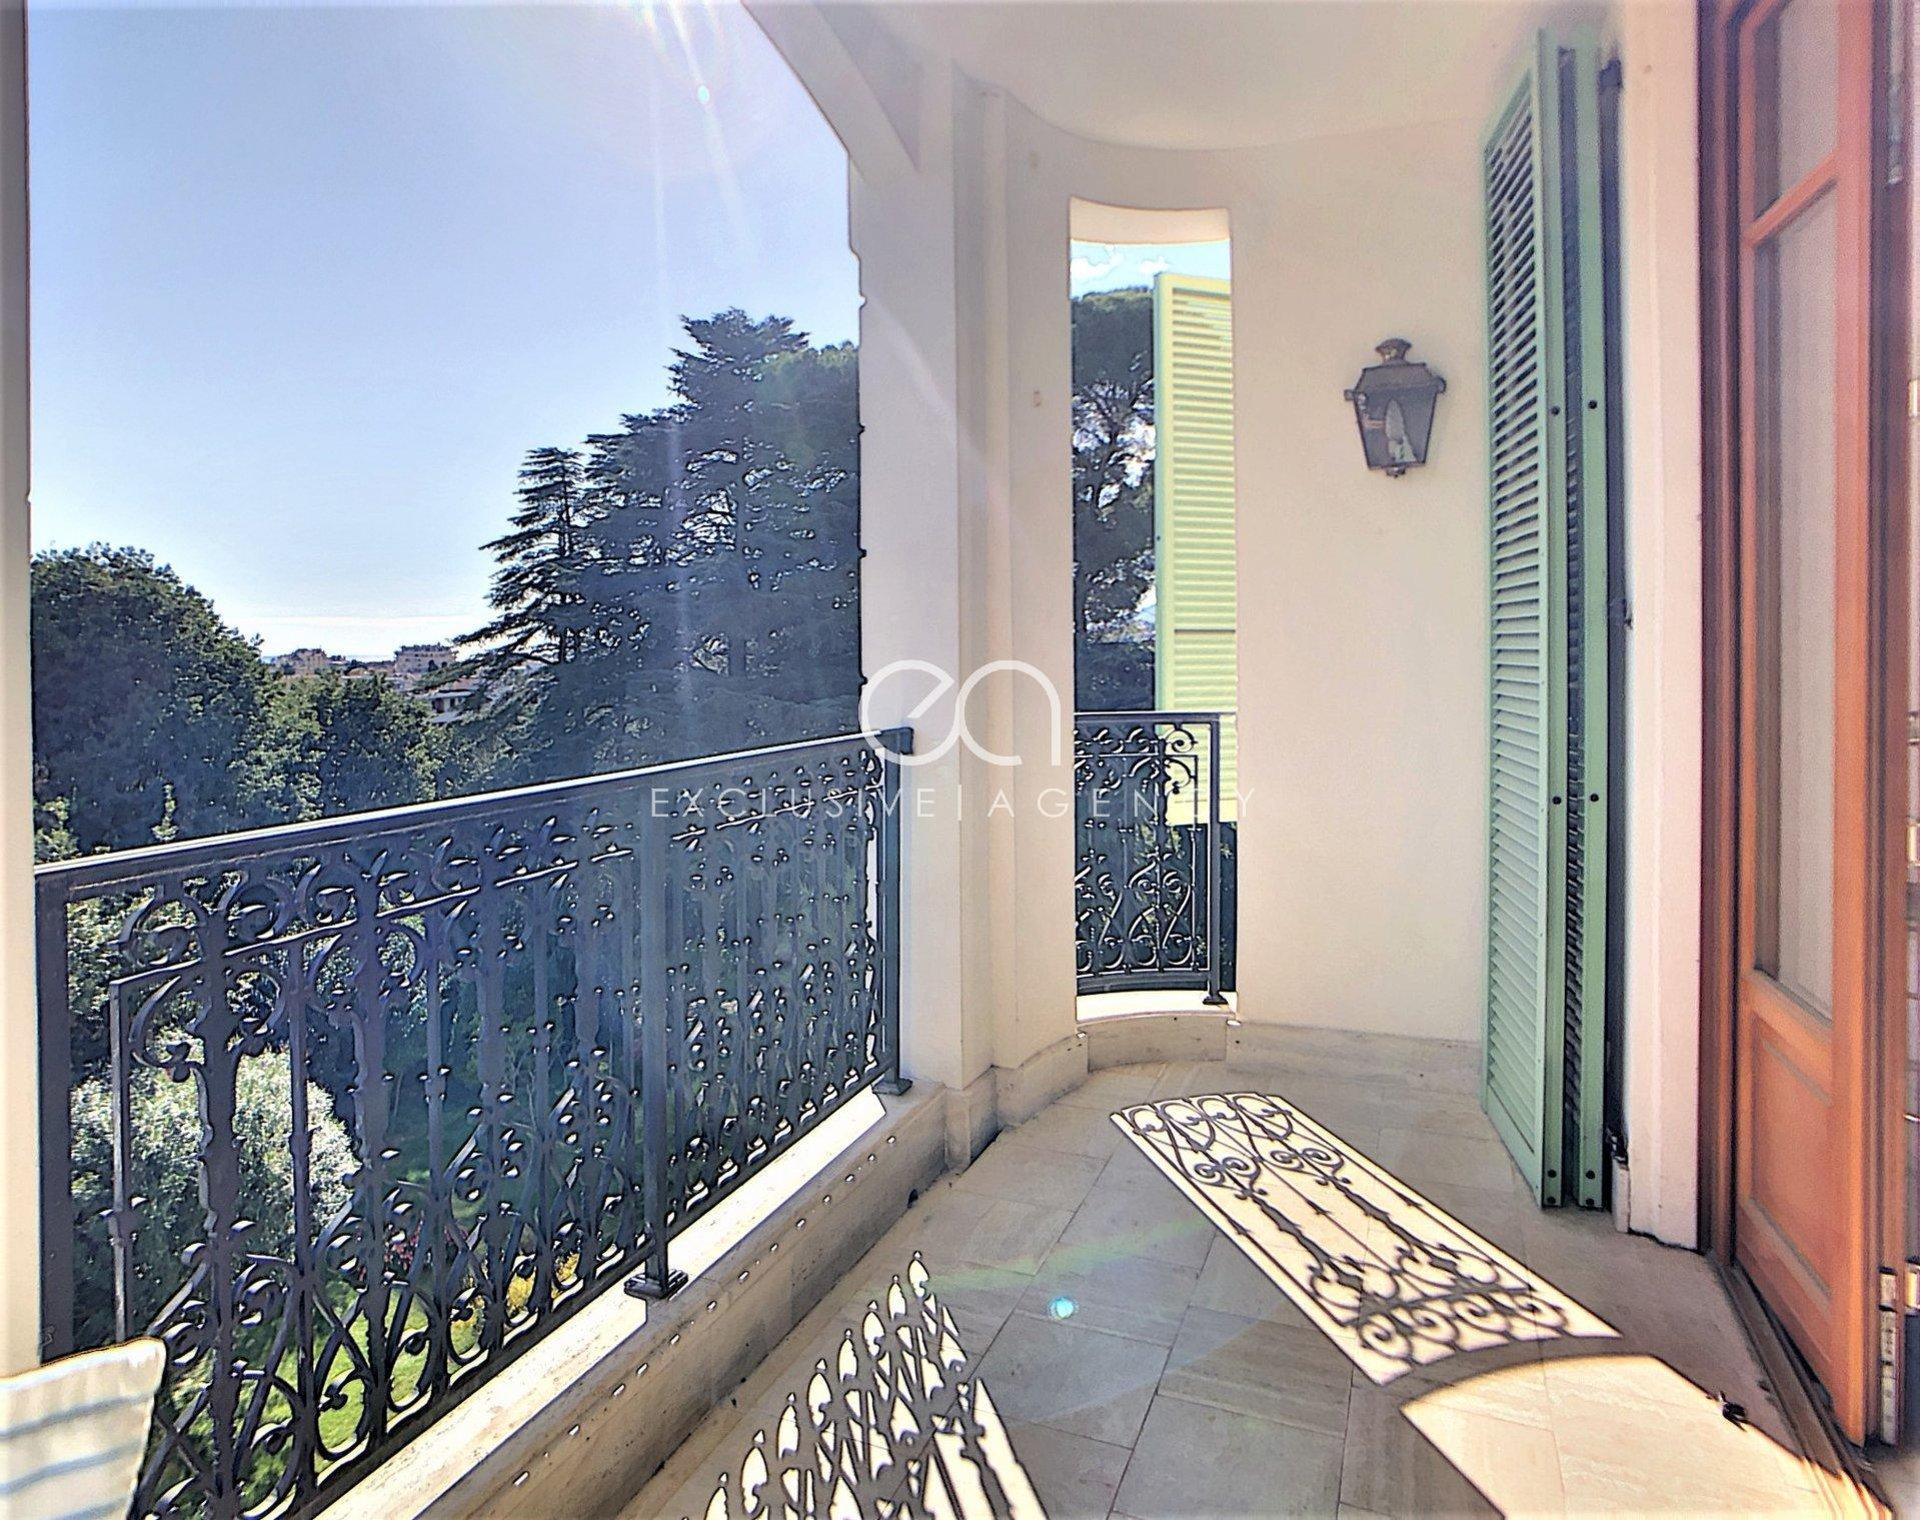 Vente Cannes DERNIER ETAGE 4 pièces 108m² neuf avec 12m² de terrasse